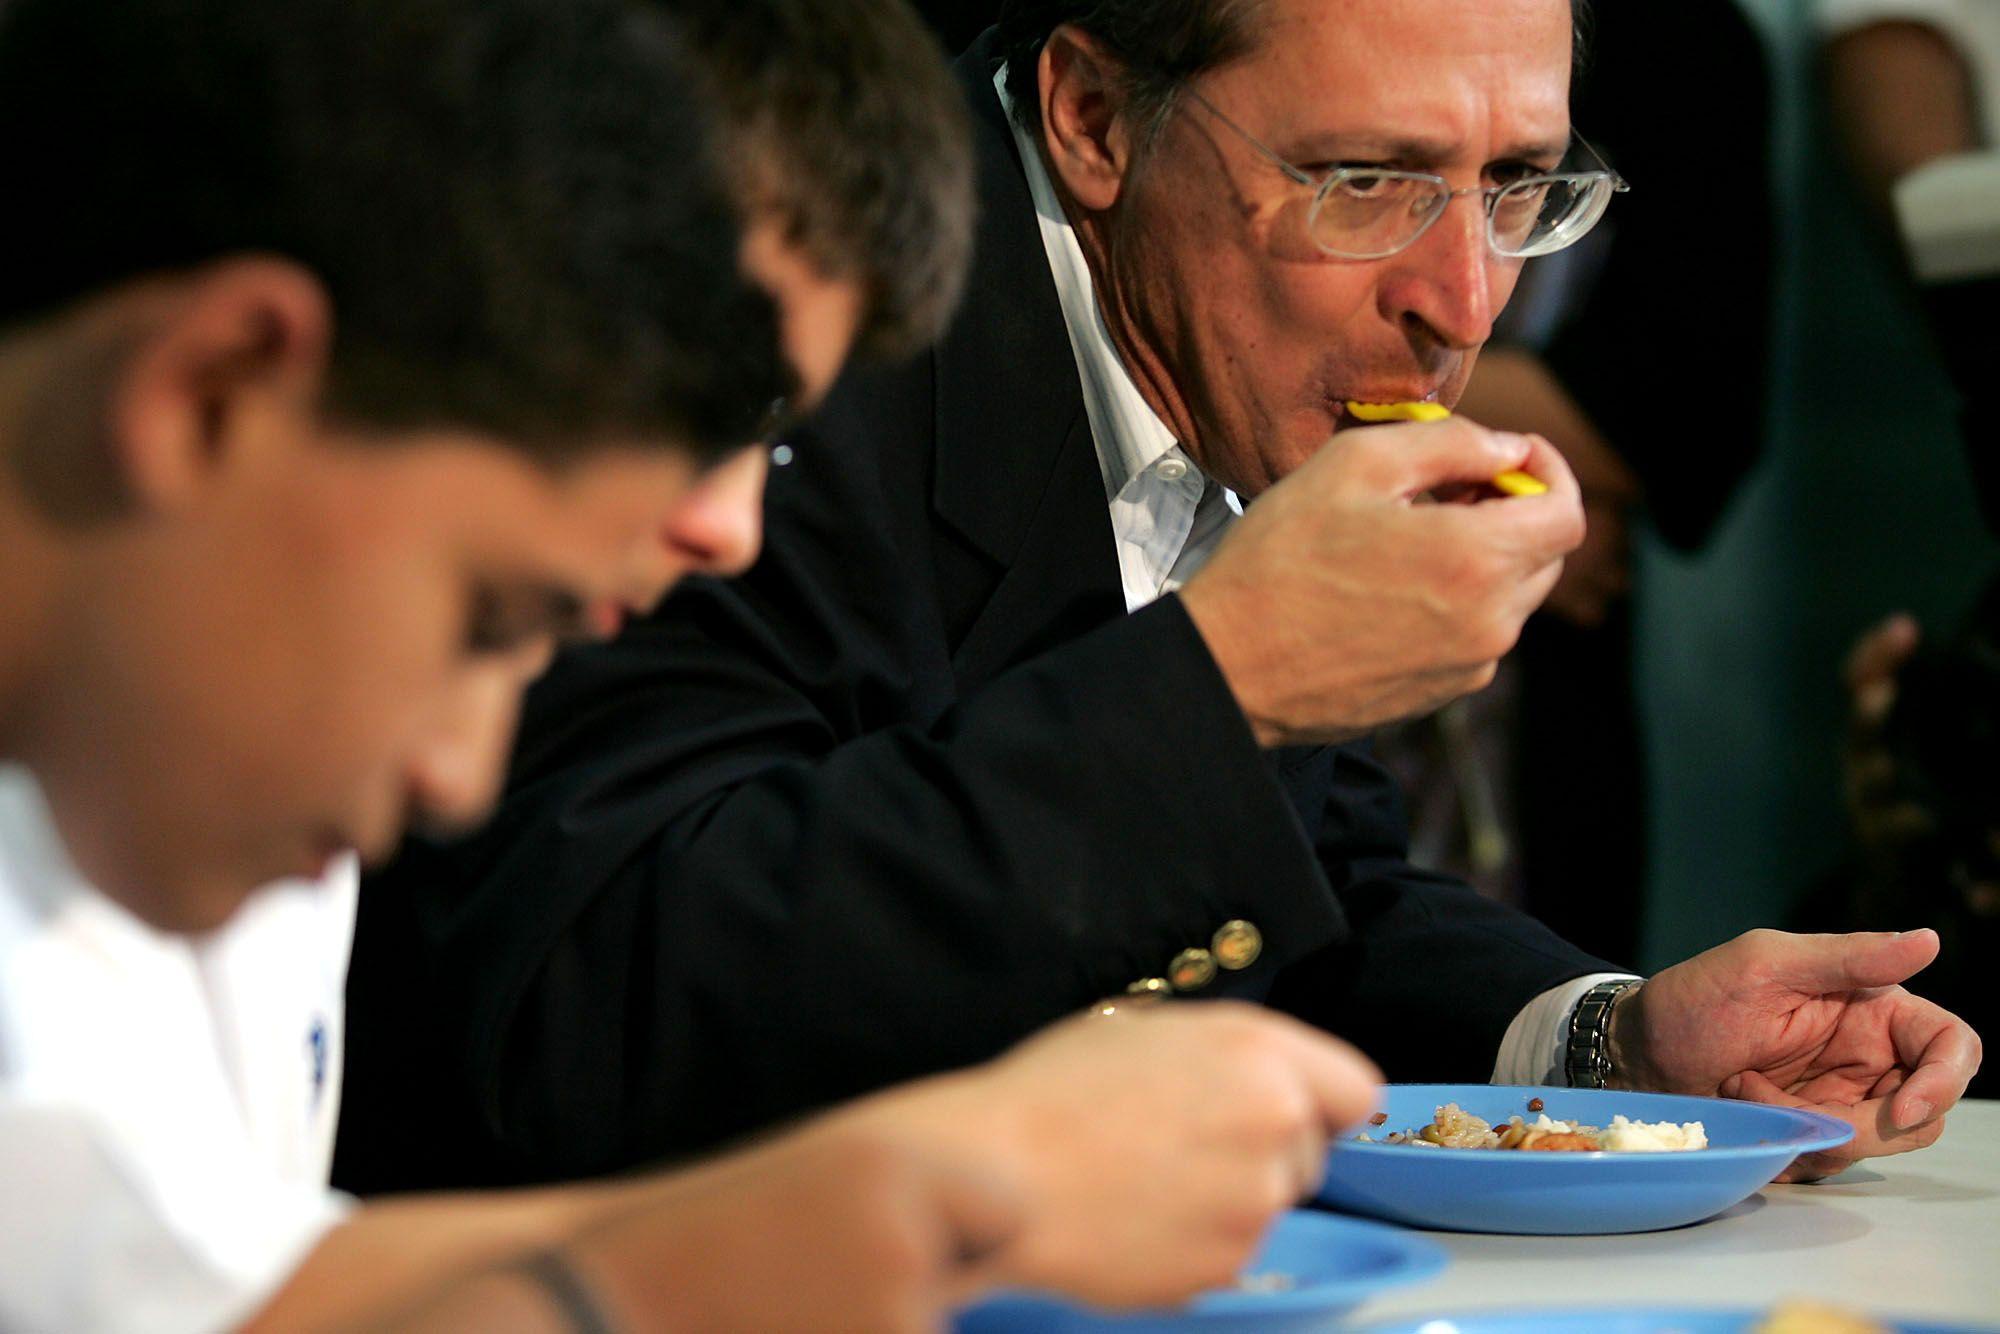 Alckmin em foto de arquivo participando de almoço com alunos de escola estadual / Márcio Fernandes/Estadão Conteúdo